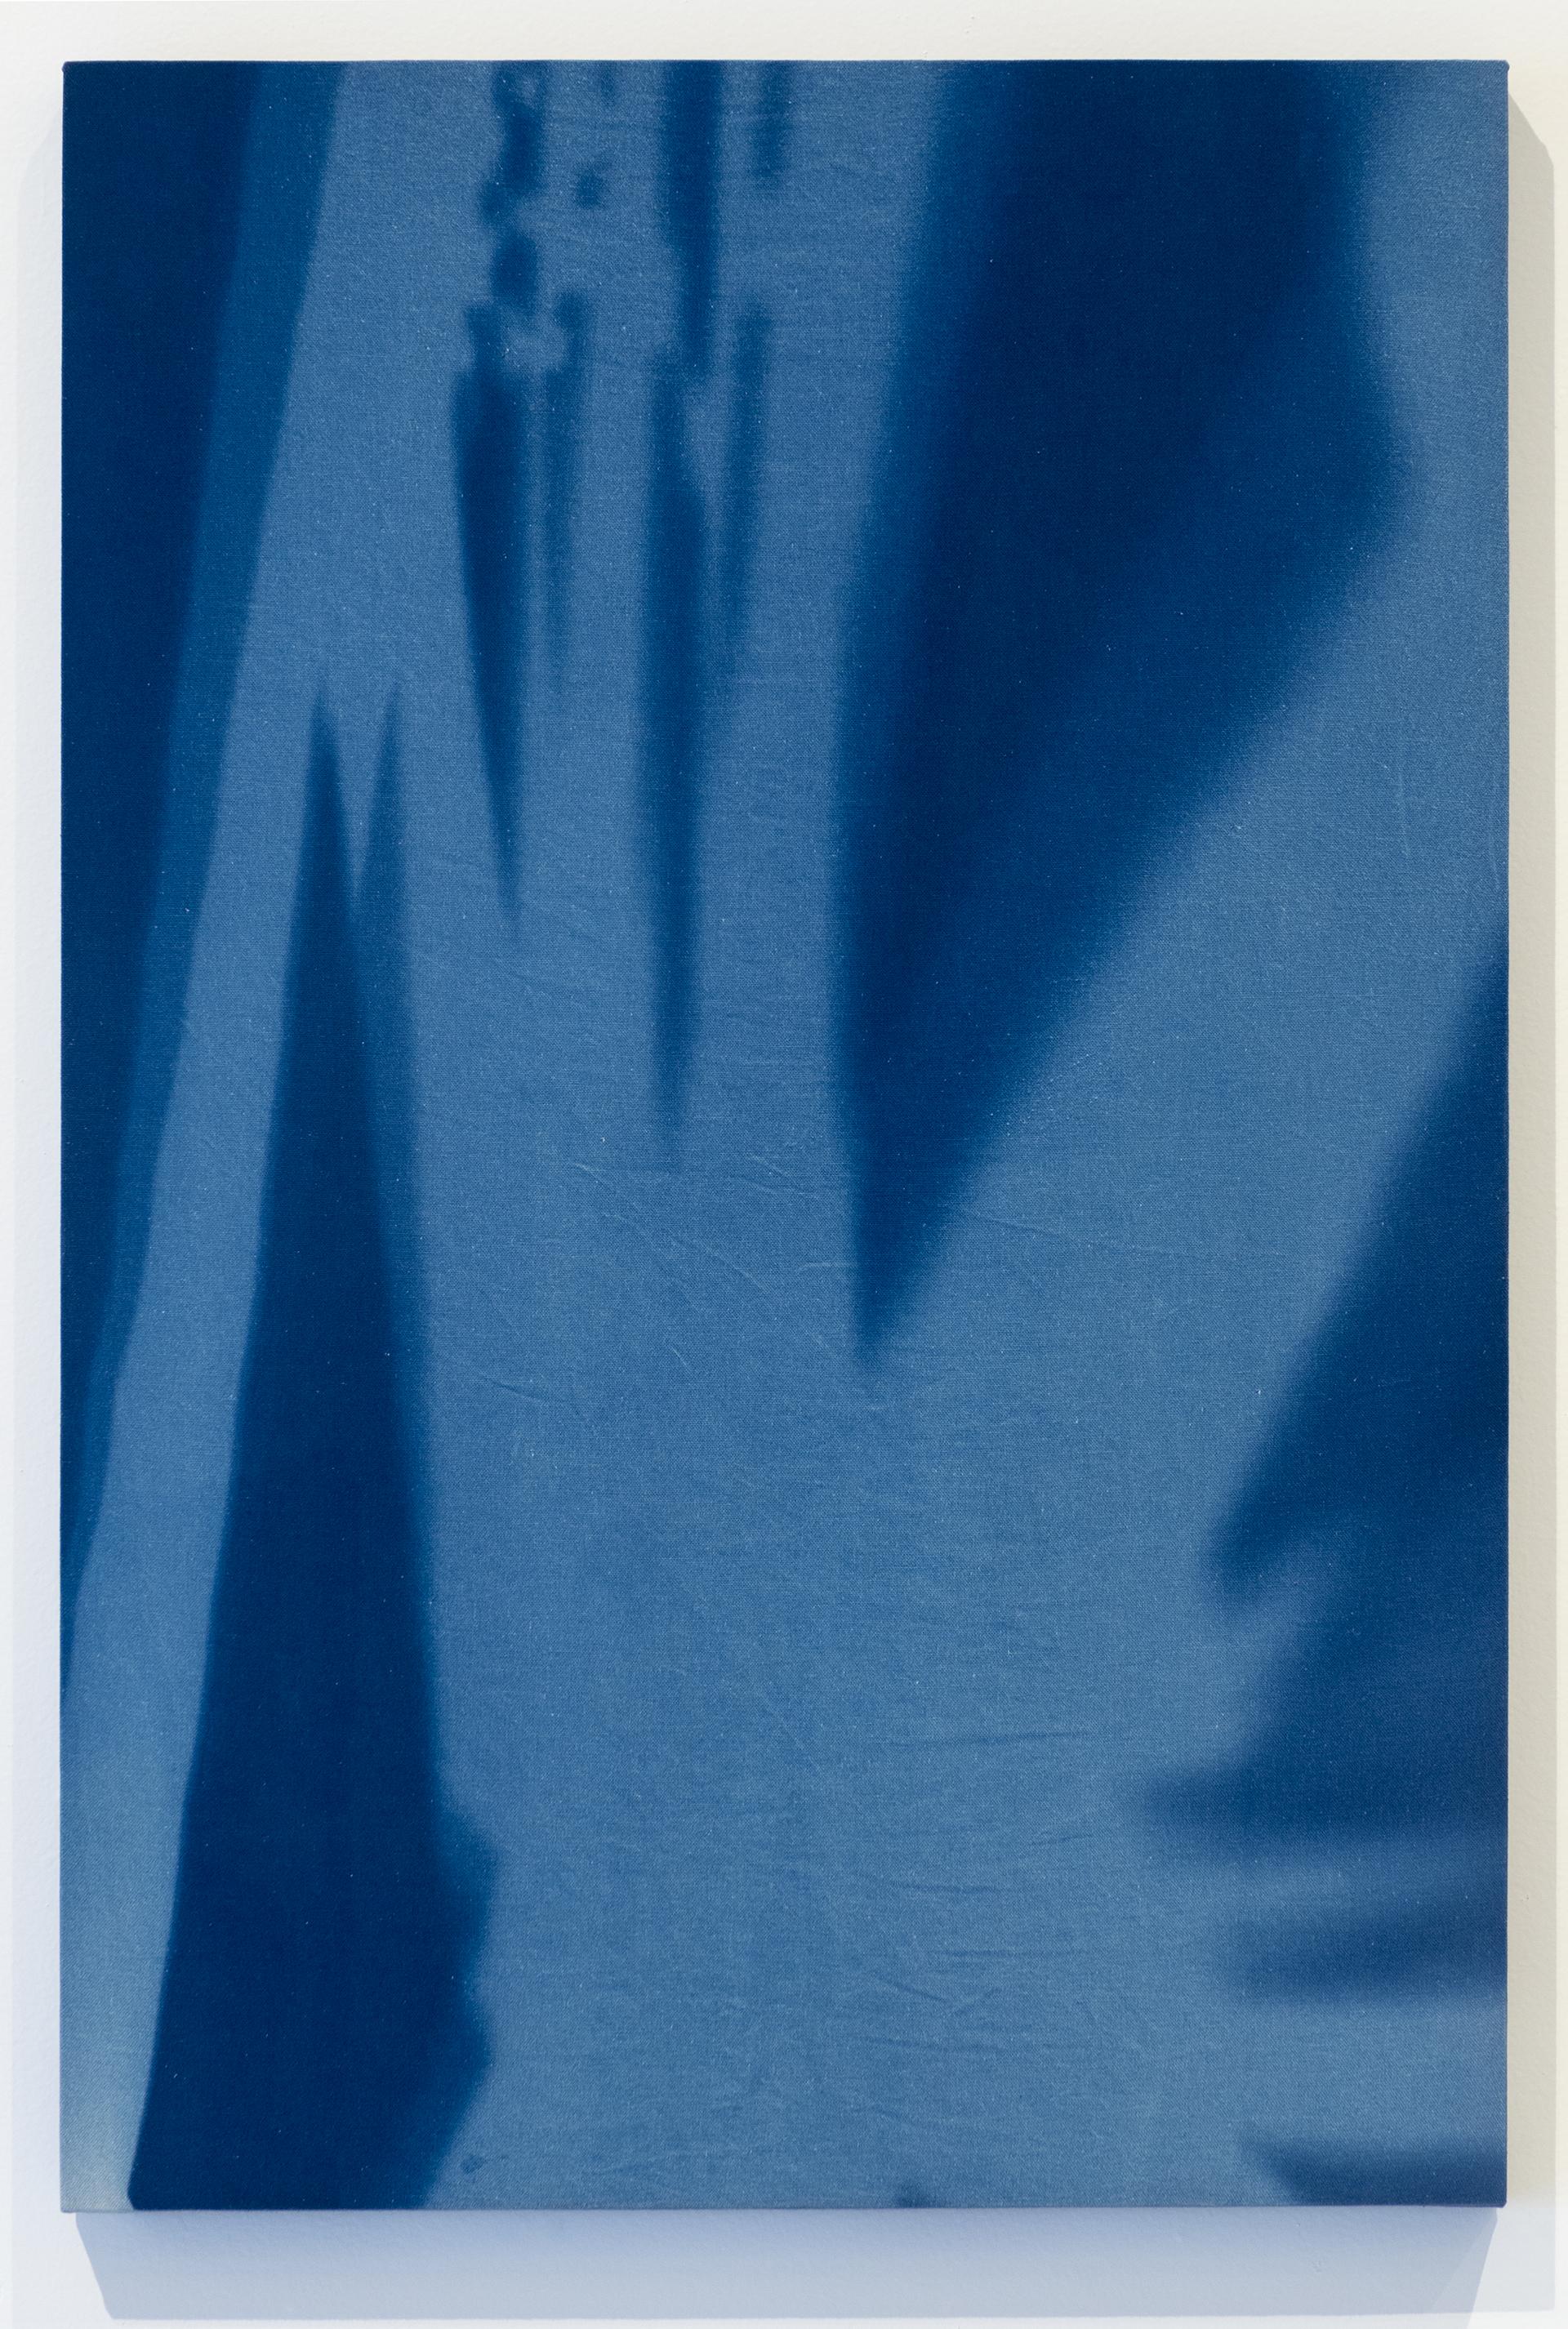 """""""26 de Agosto 2015, 14:10 h. Torre Sur Museo del Chopo, tiempo de exposición13 min"""" Cianotipia sobre tela montado sobre bastidor  90x60 cm (35 x 23"""")"""